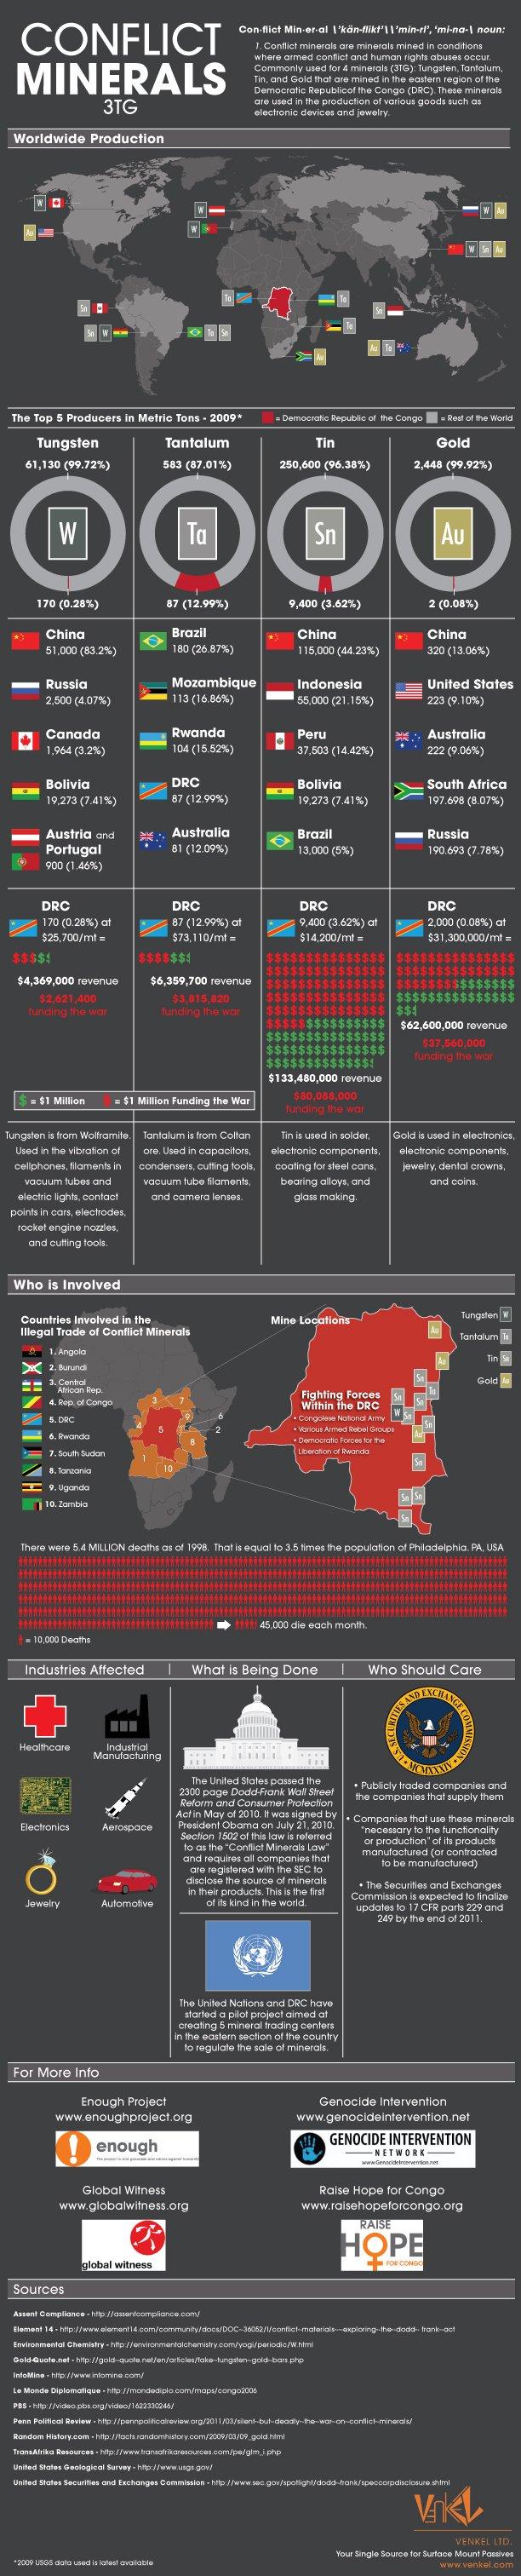 Conflict Minerals Infographic - Venkel